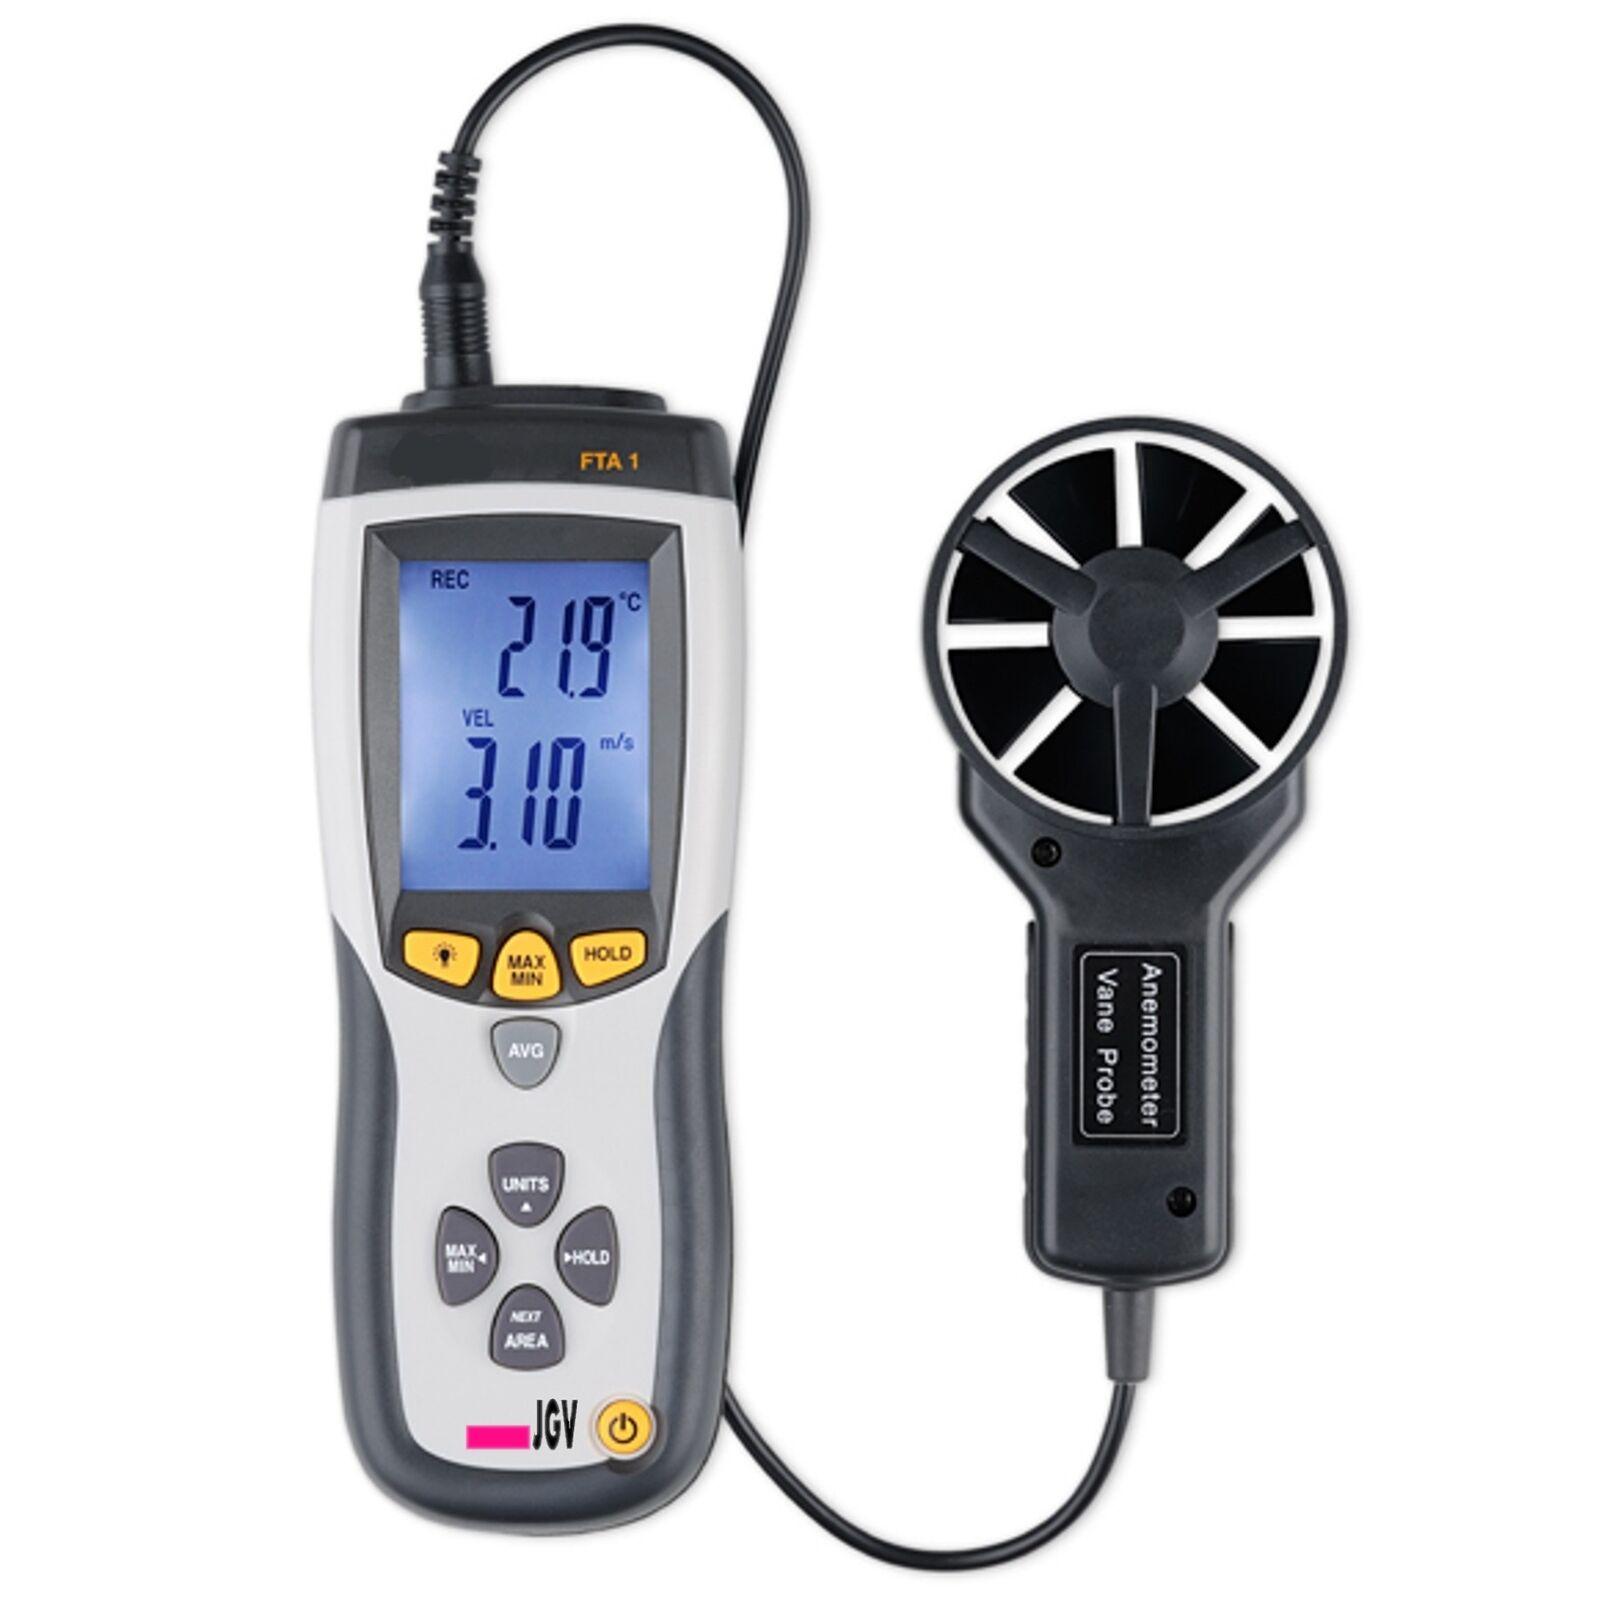 Flügelrad Anemometer Thermometer Messgerät für Luftgeschwindigkeit Luftströmung